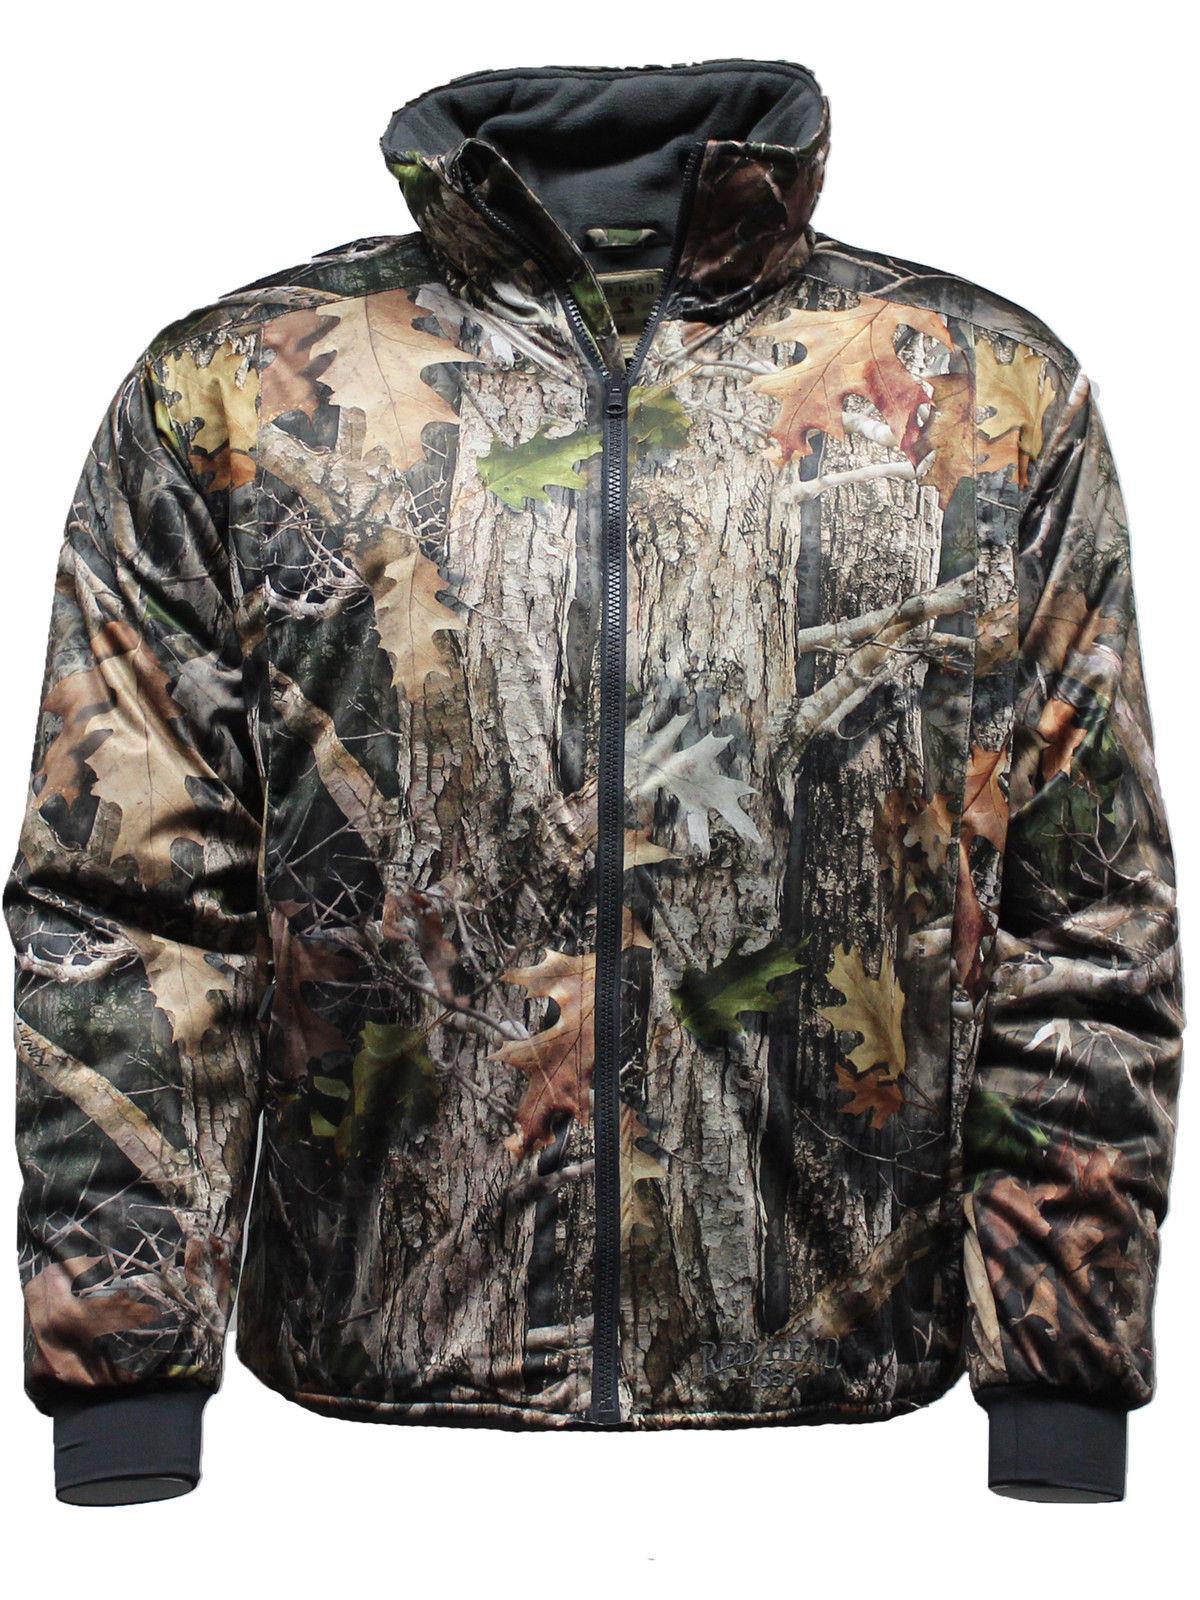 Men/'s Stormkloth Camouflage Waterproof Delux Hunting Fishing Camo Jacket Coat